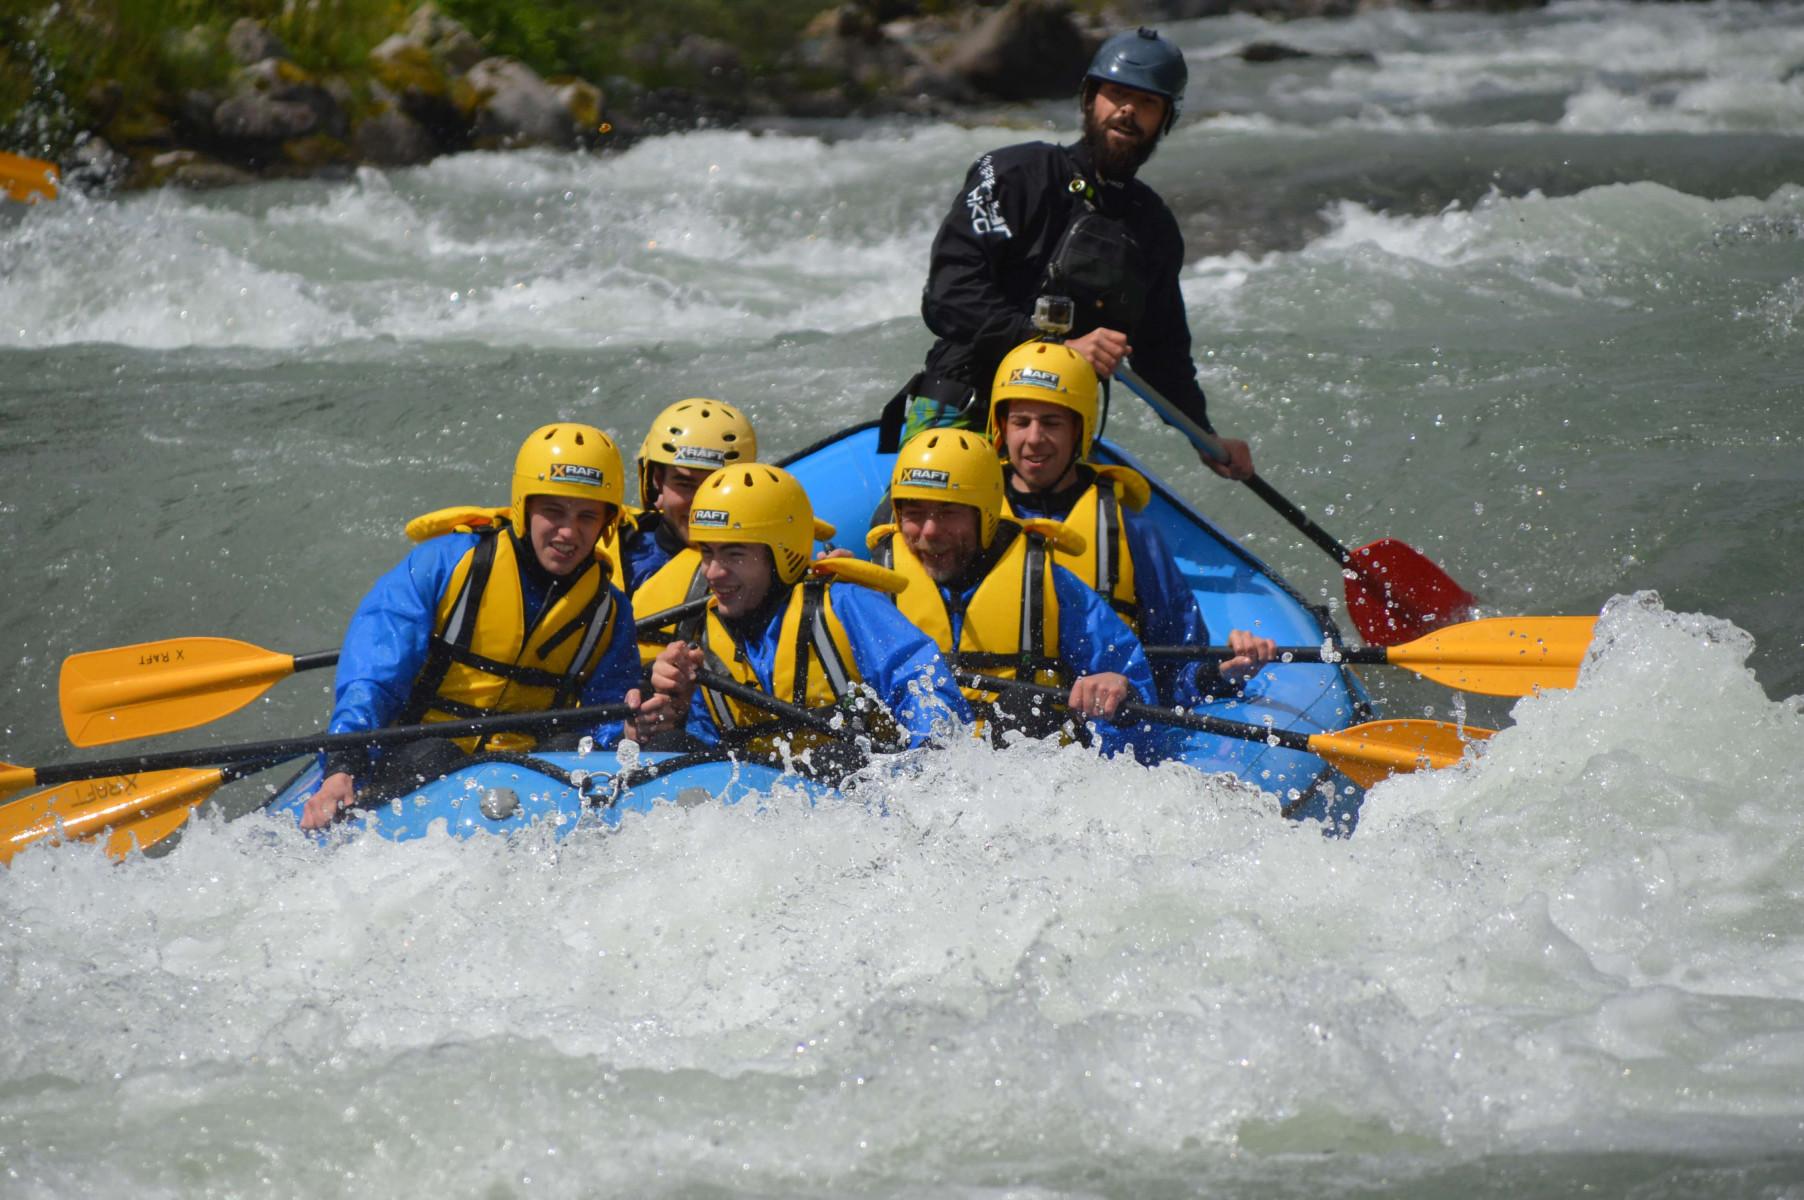 Rafting Colorado Slalom sul fiume Noce in Trentino